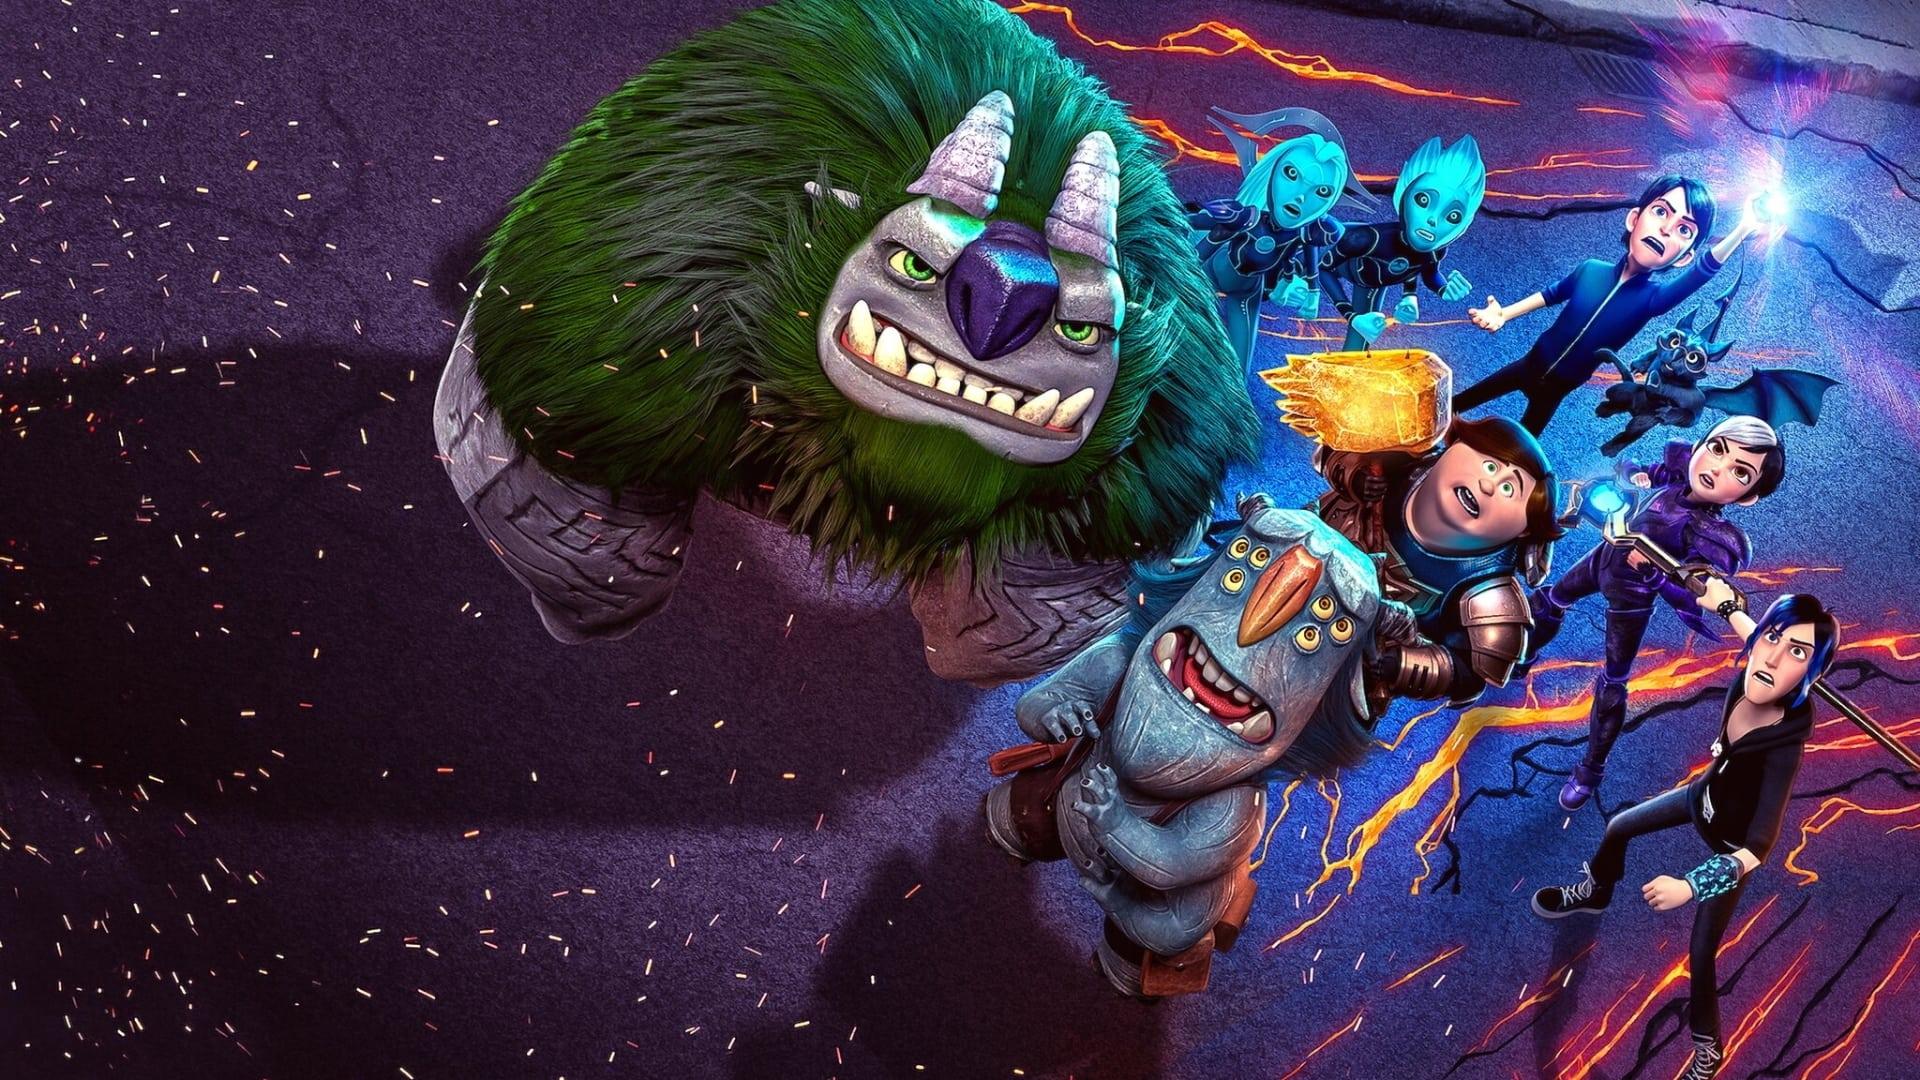 Película Trollhunters: El despertar de los titanes en GNULA